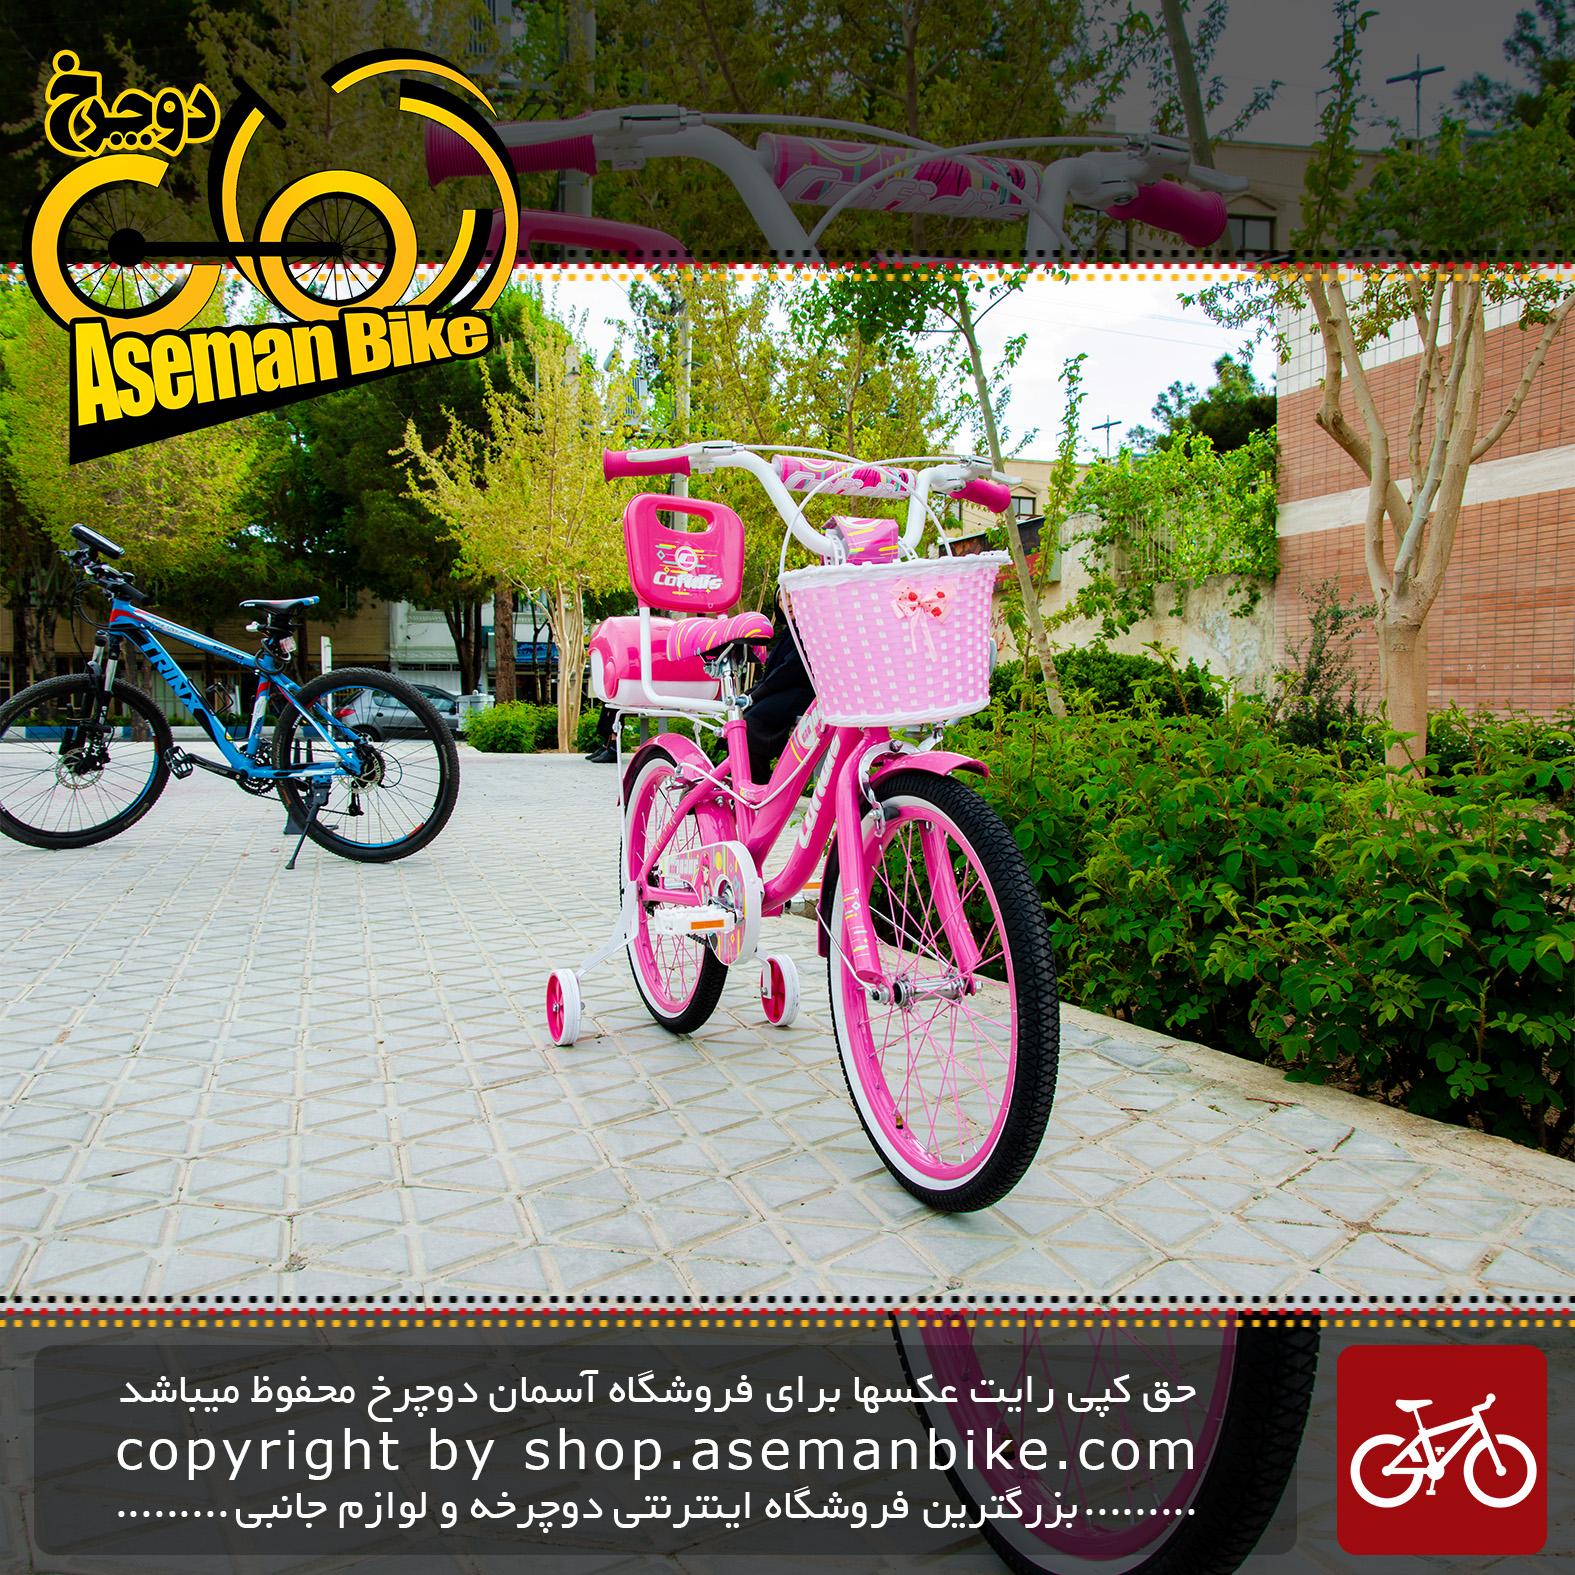 دوچرخه دخترانه پرادو تایوان صندوق و سبد دار مدل 003 اچ آر سایز 24 PRADO Bicycle 003hr Size 24 2019